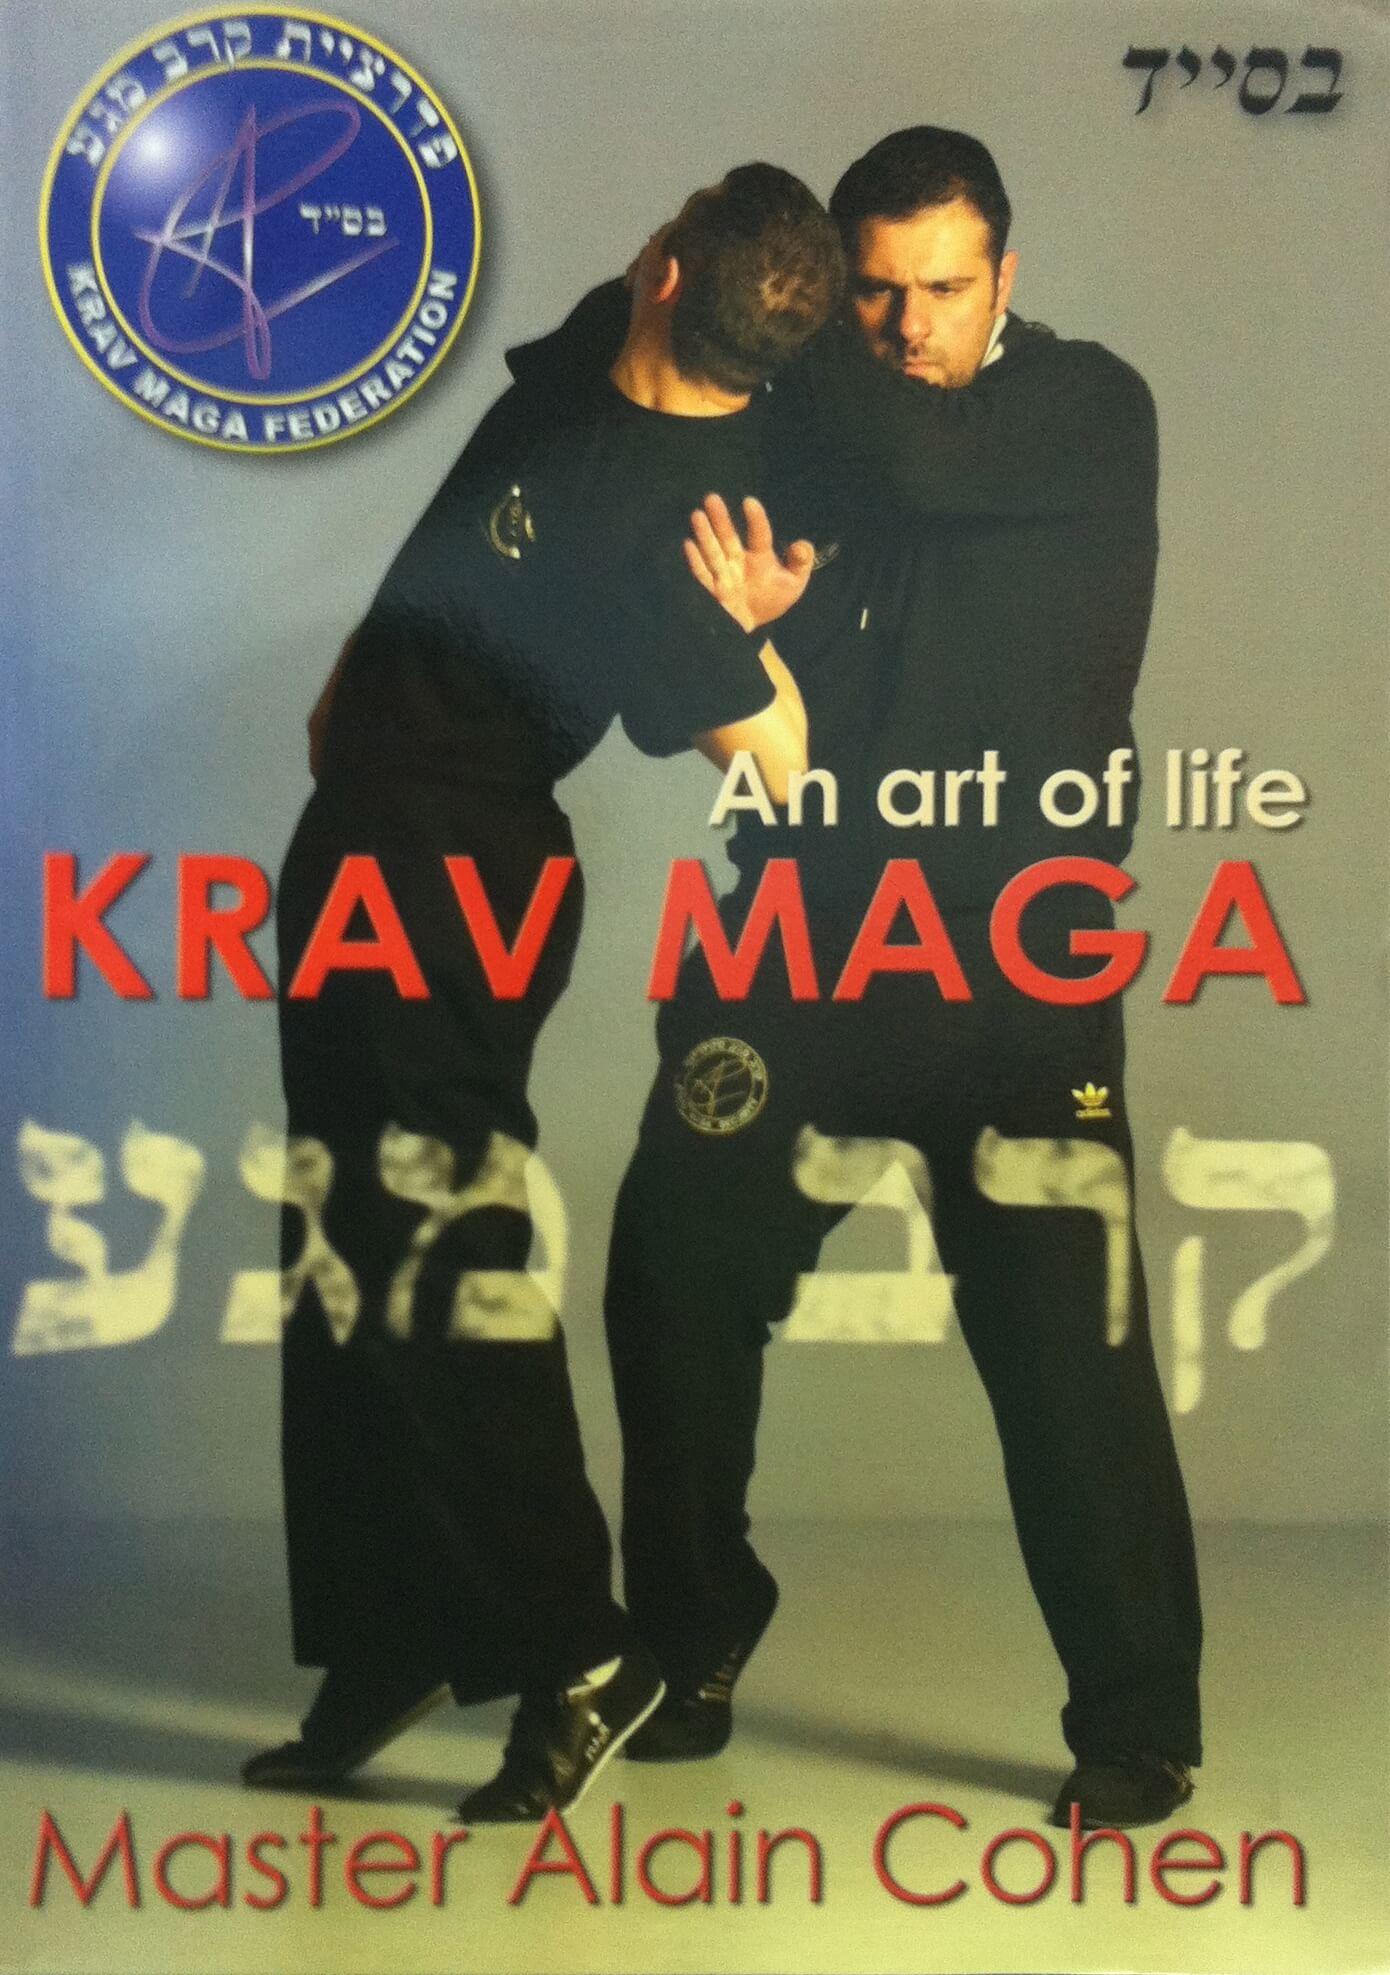 Krav Maga, an art to save lives, an art of life